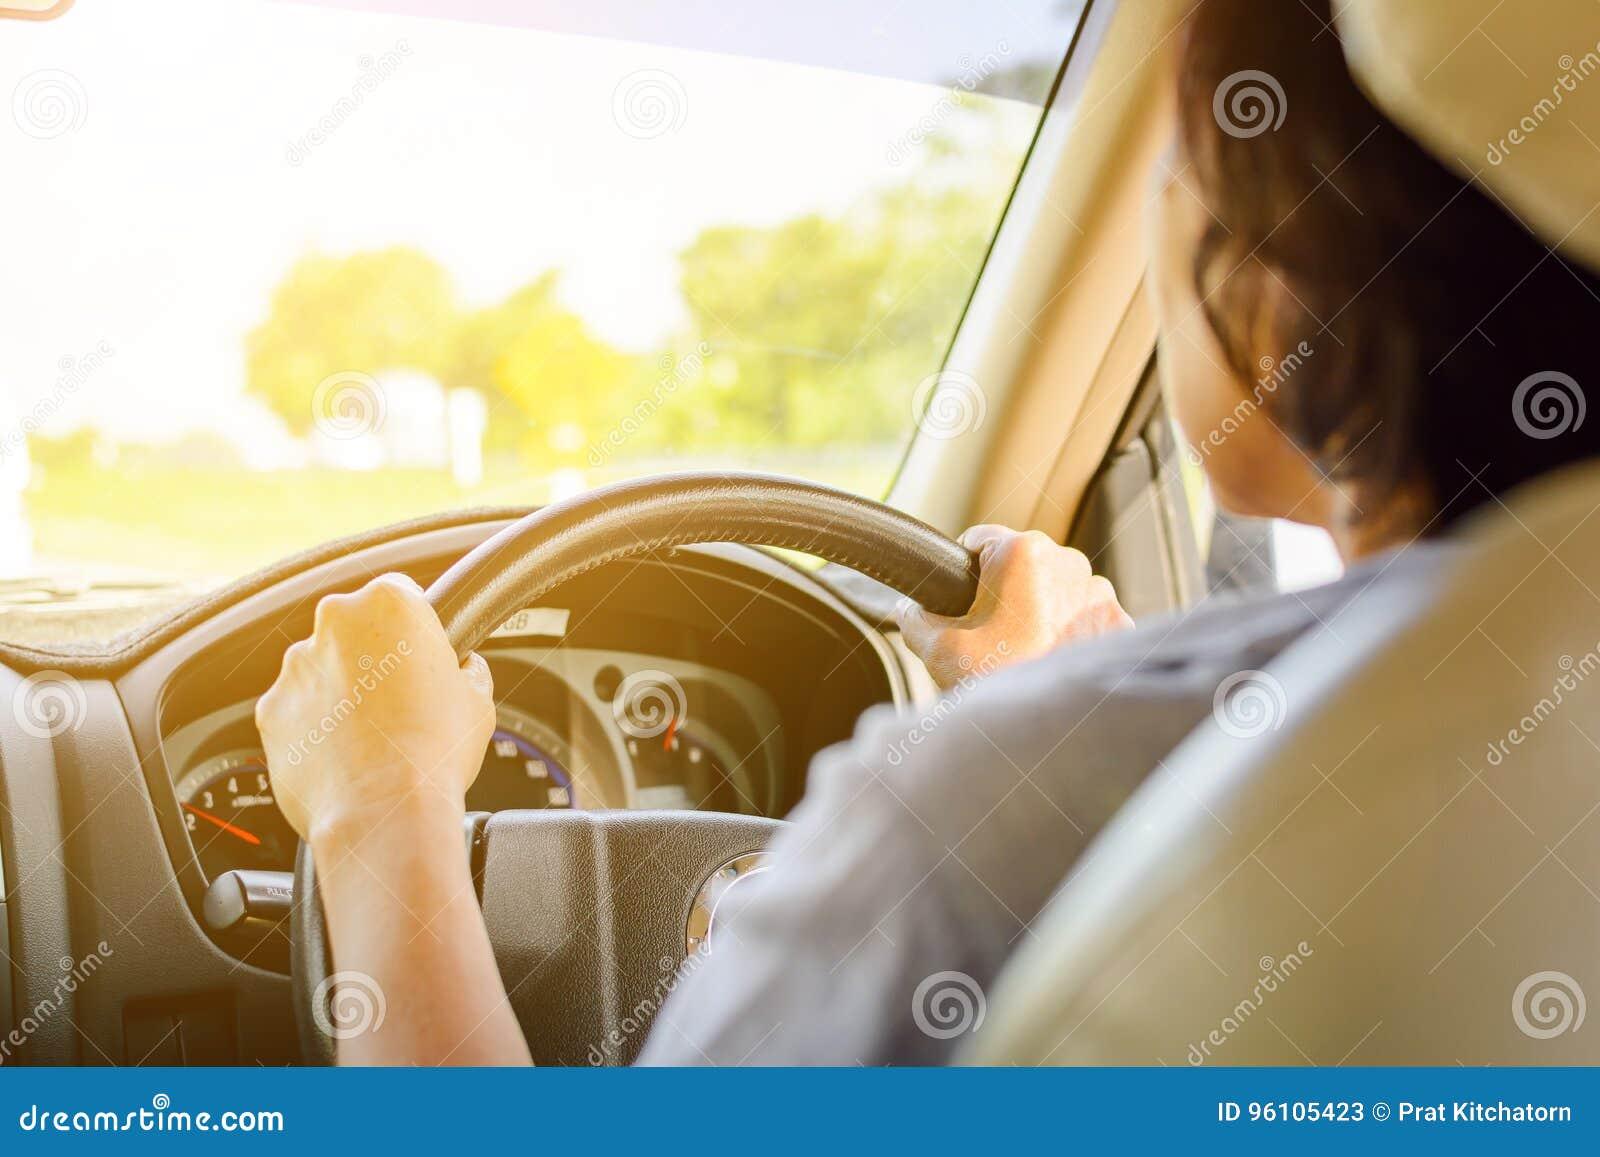 Guidando sui viaggi stradali e traffico per sicurezza